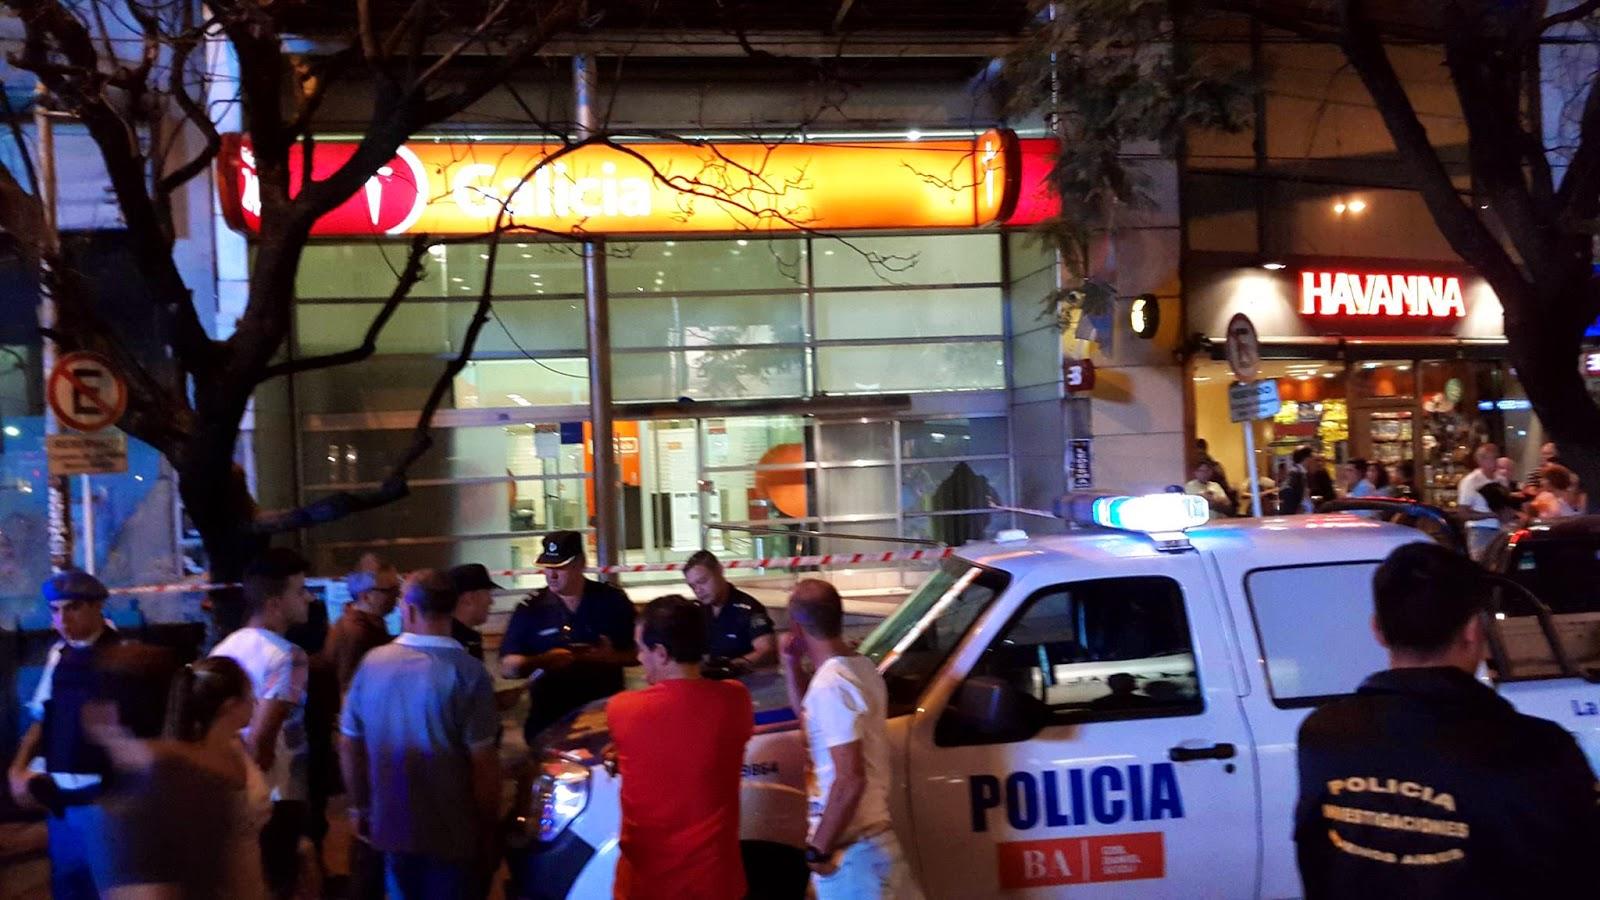 Vestidos como jud os ortodoxos robaron el banco galicia for Banco galicia busca cajeros